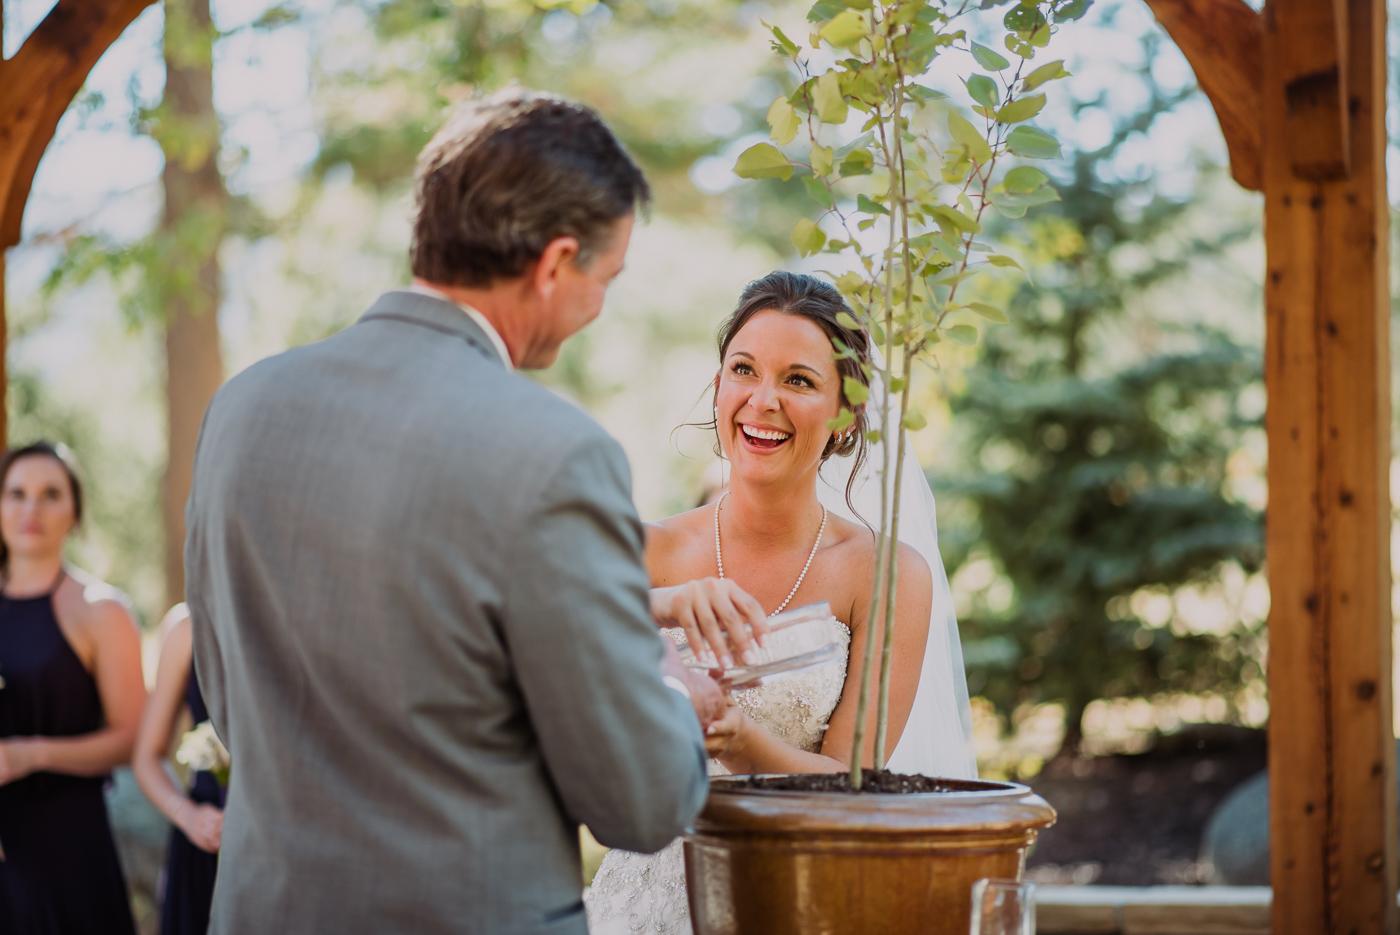 PHOCO Della Terra wedding photography colorado estes park-7.jpg